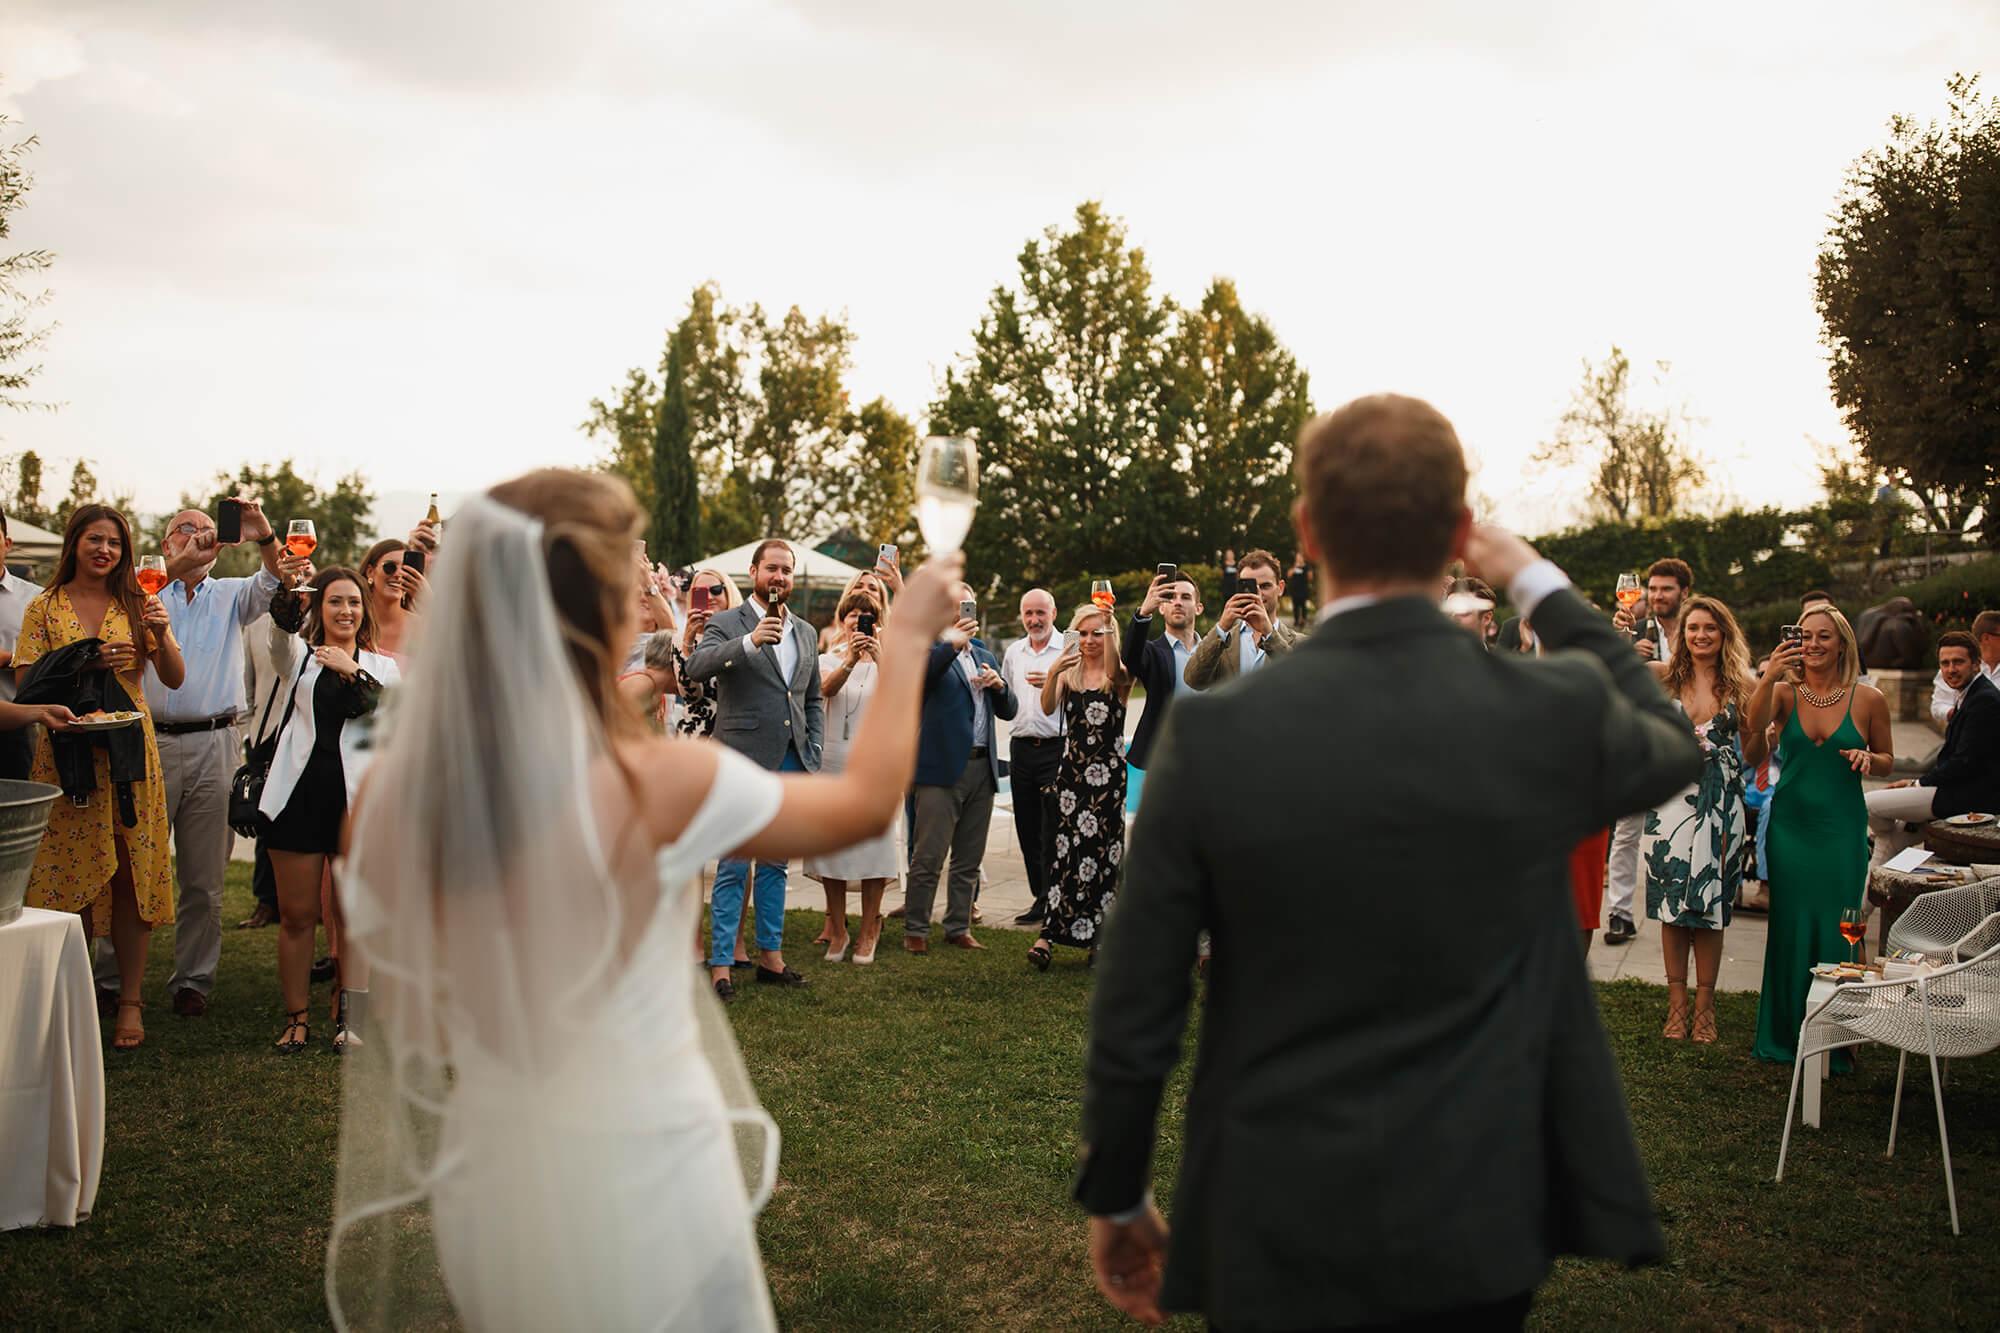 Lista de convidados | Quem convidar para o casamento?